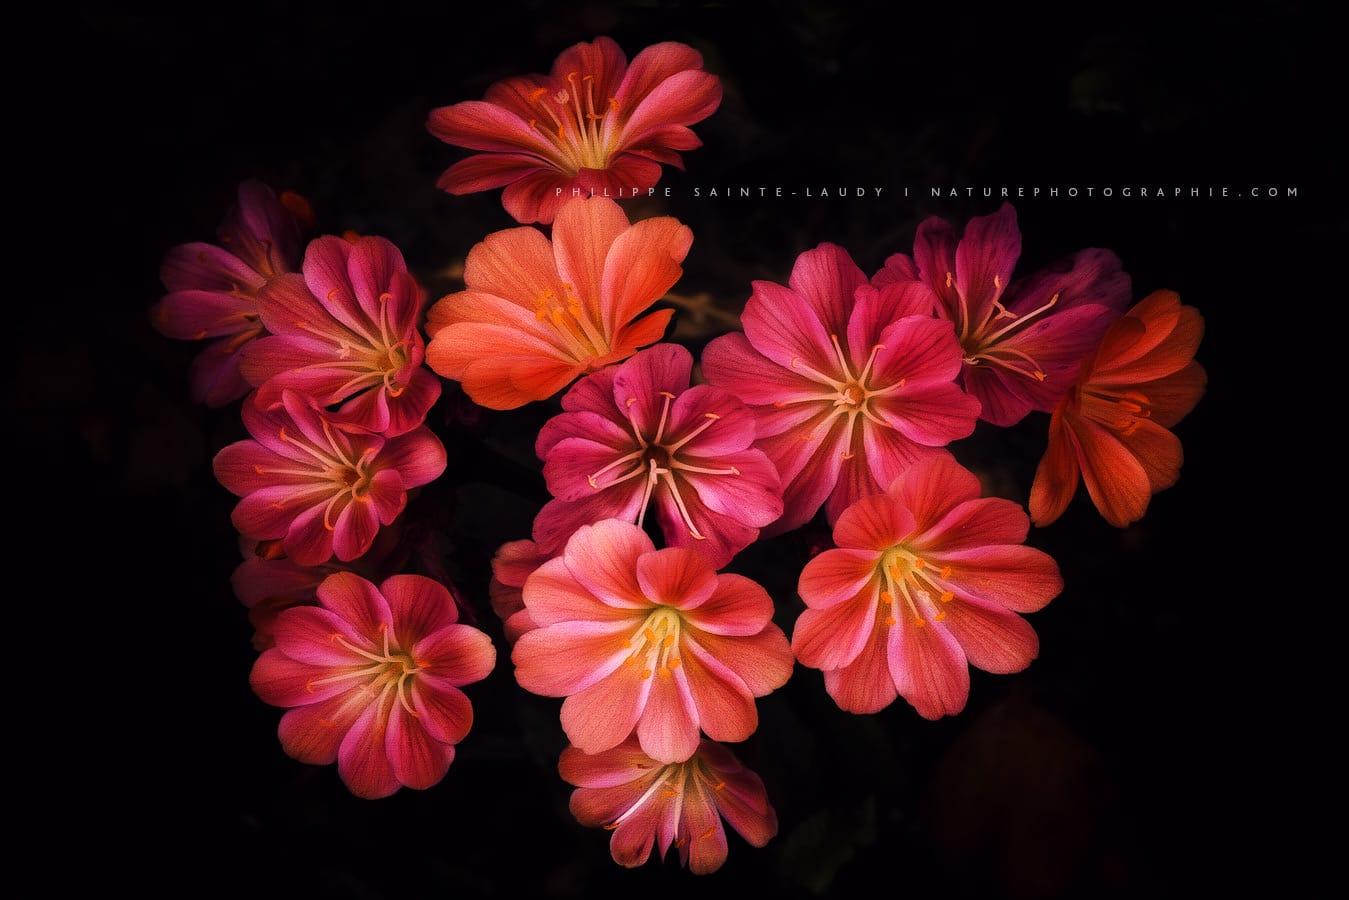 Fleurs et paintography